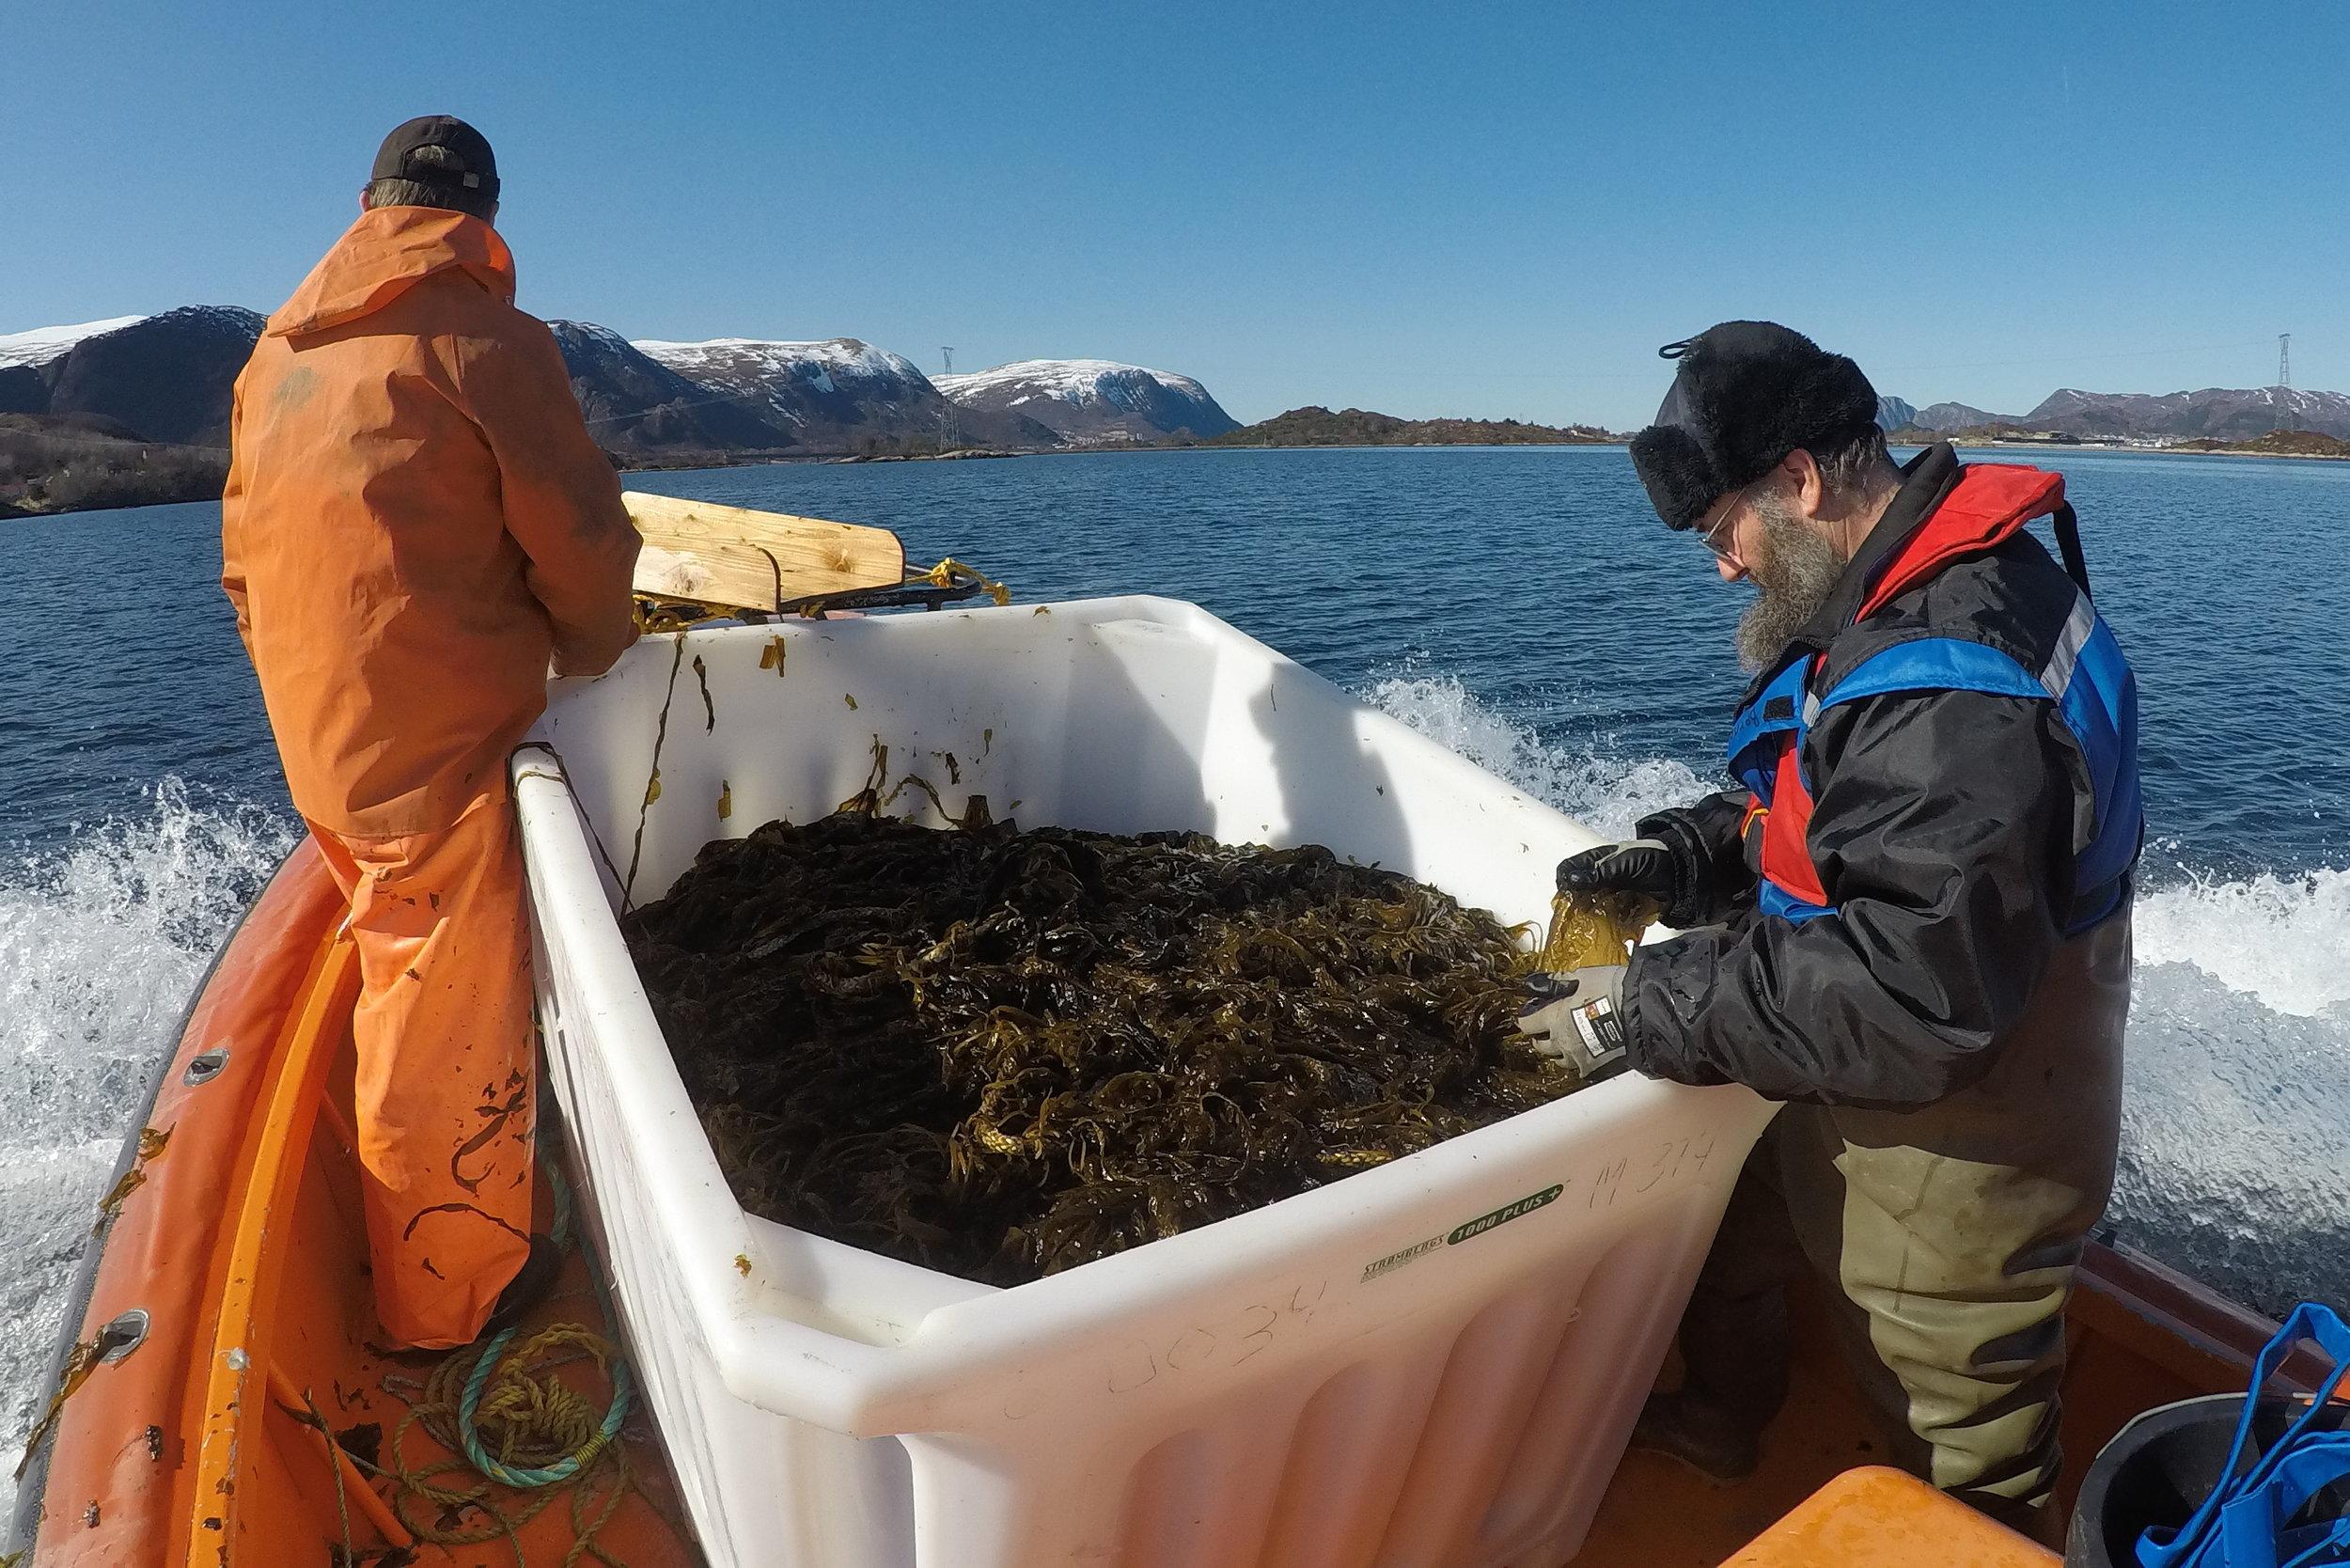 First harvest of winged kelp (Alaria esculenta) from Skarveskjæret